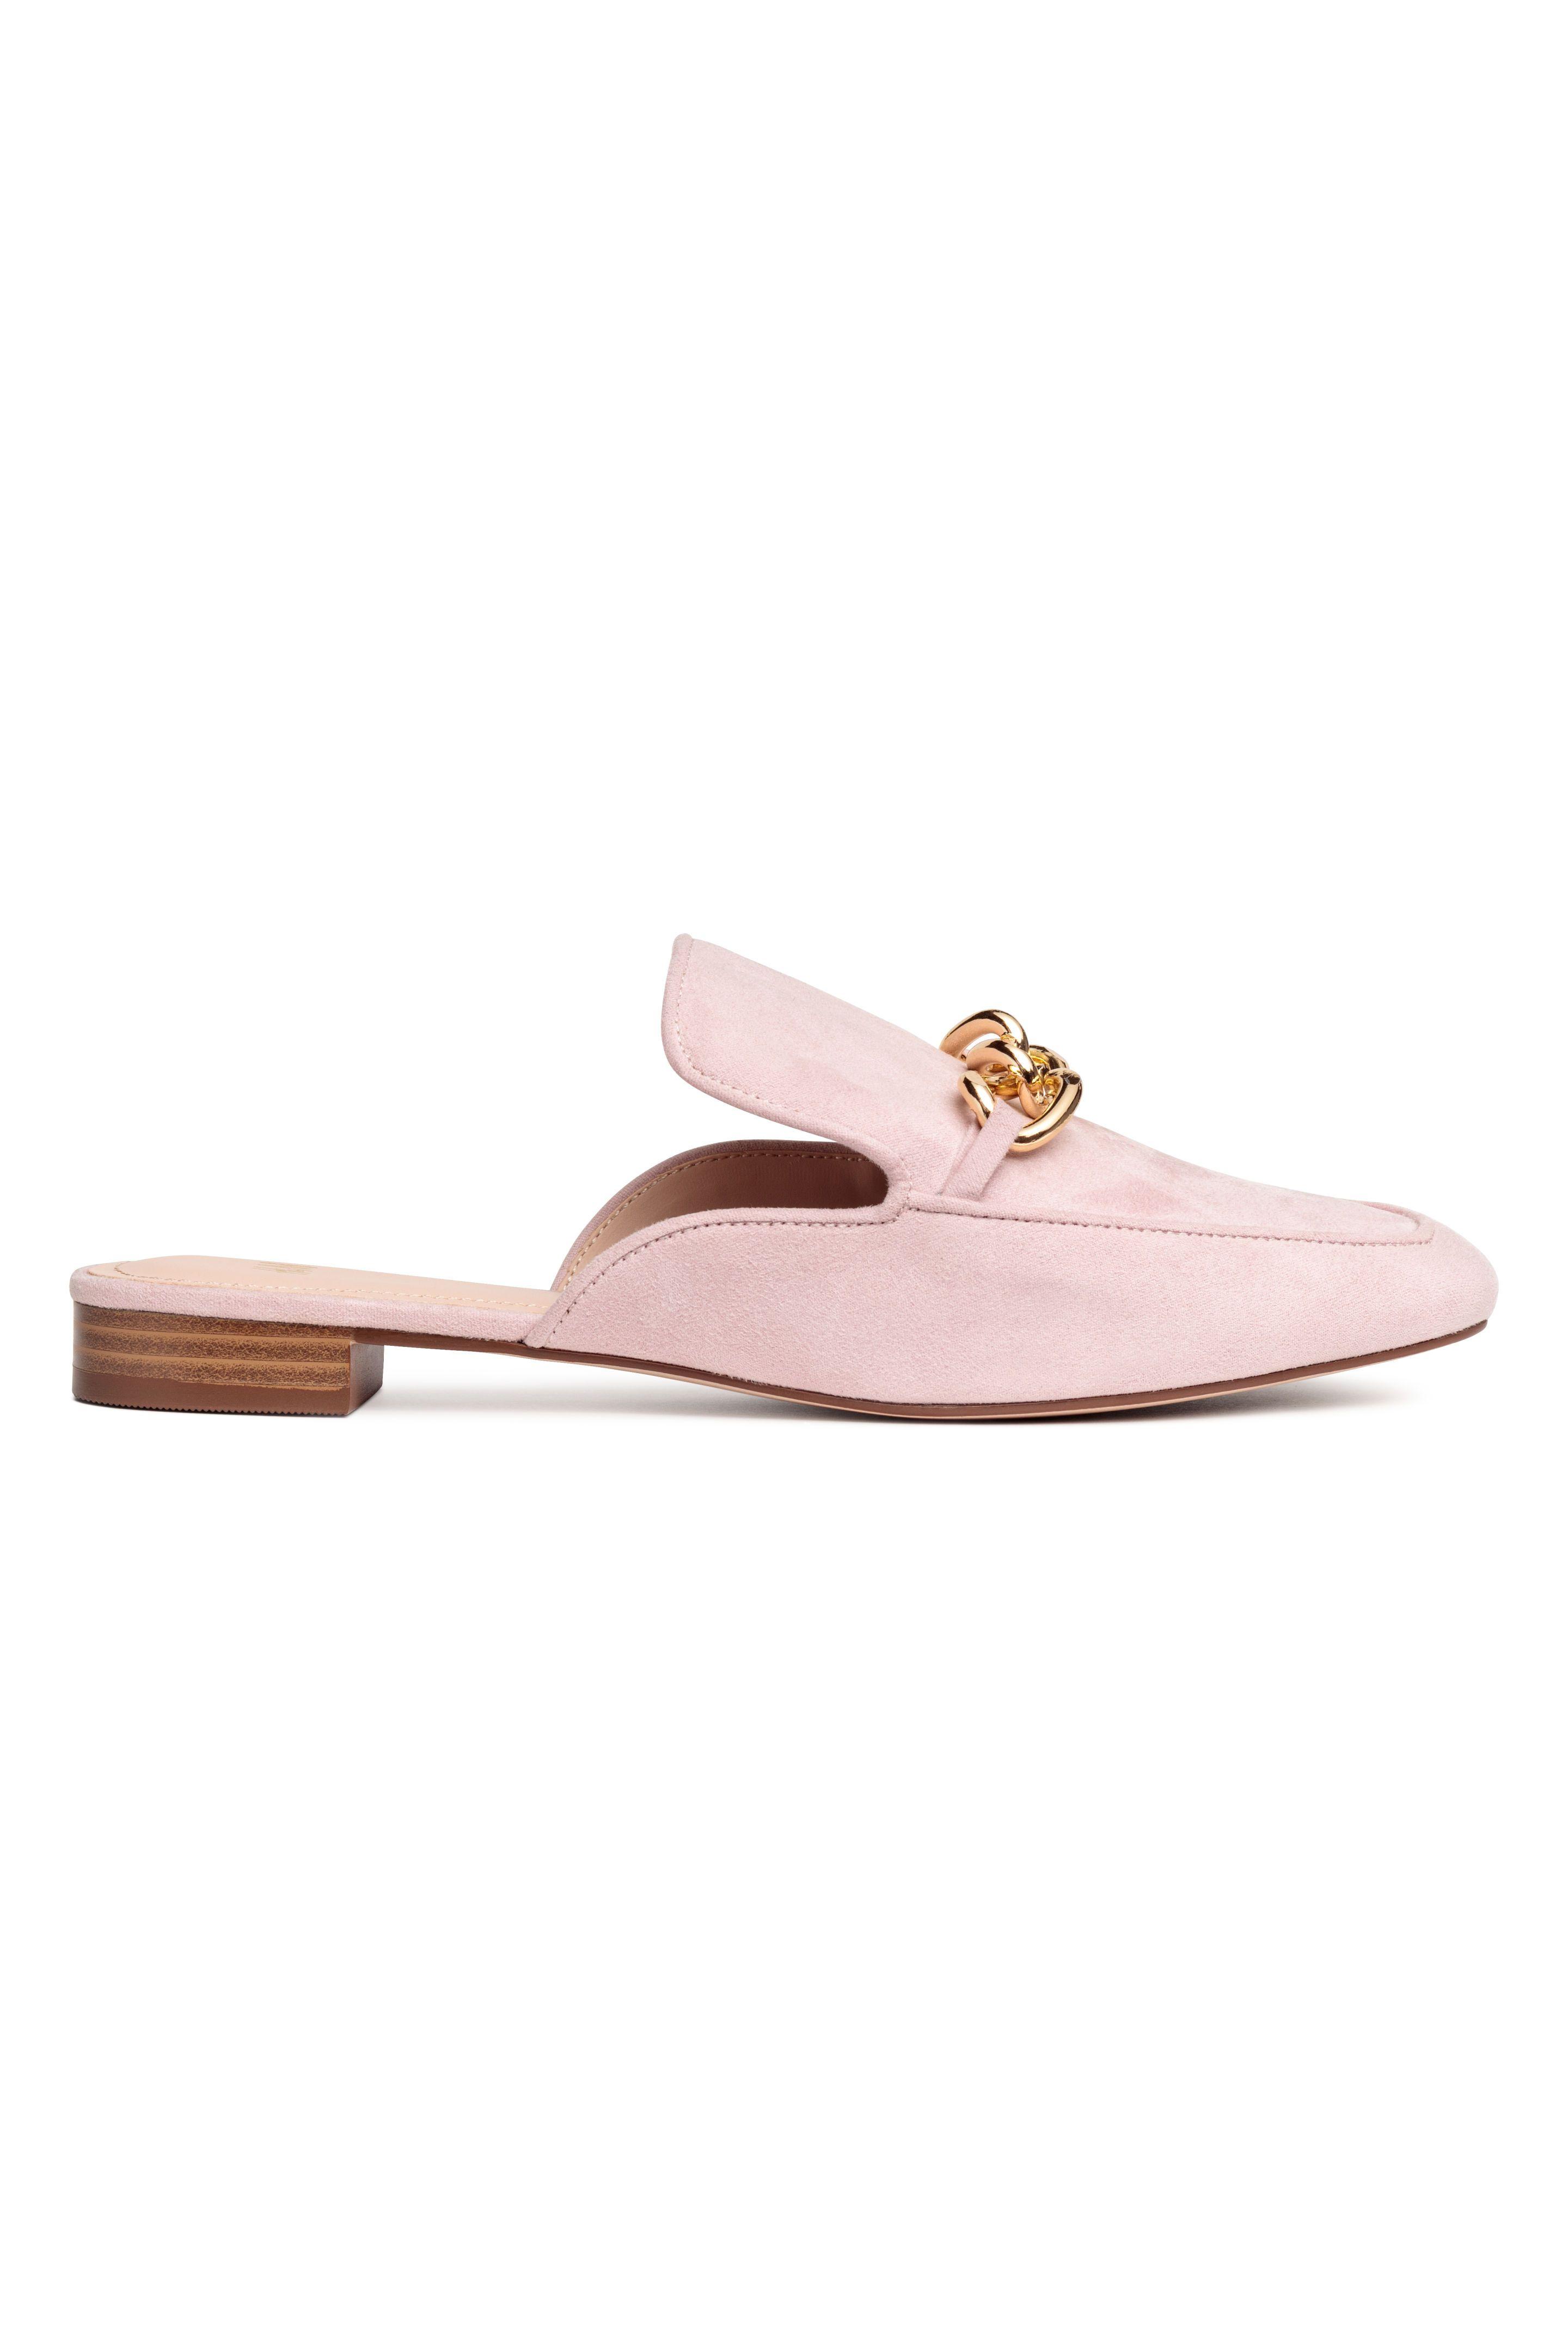 Pastel Color Son De Llevaremos Loz Esta Primavera Zapatos Que rQdthCs